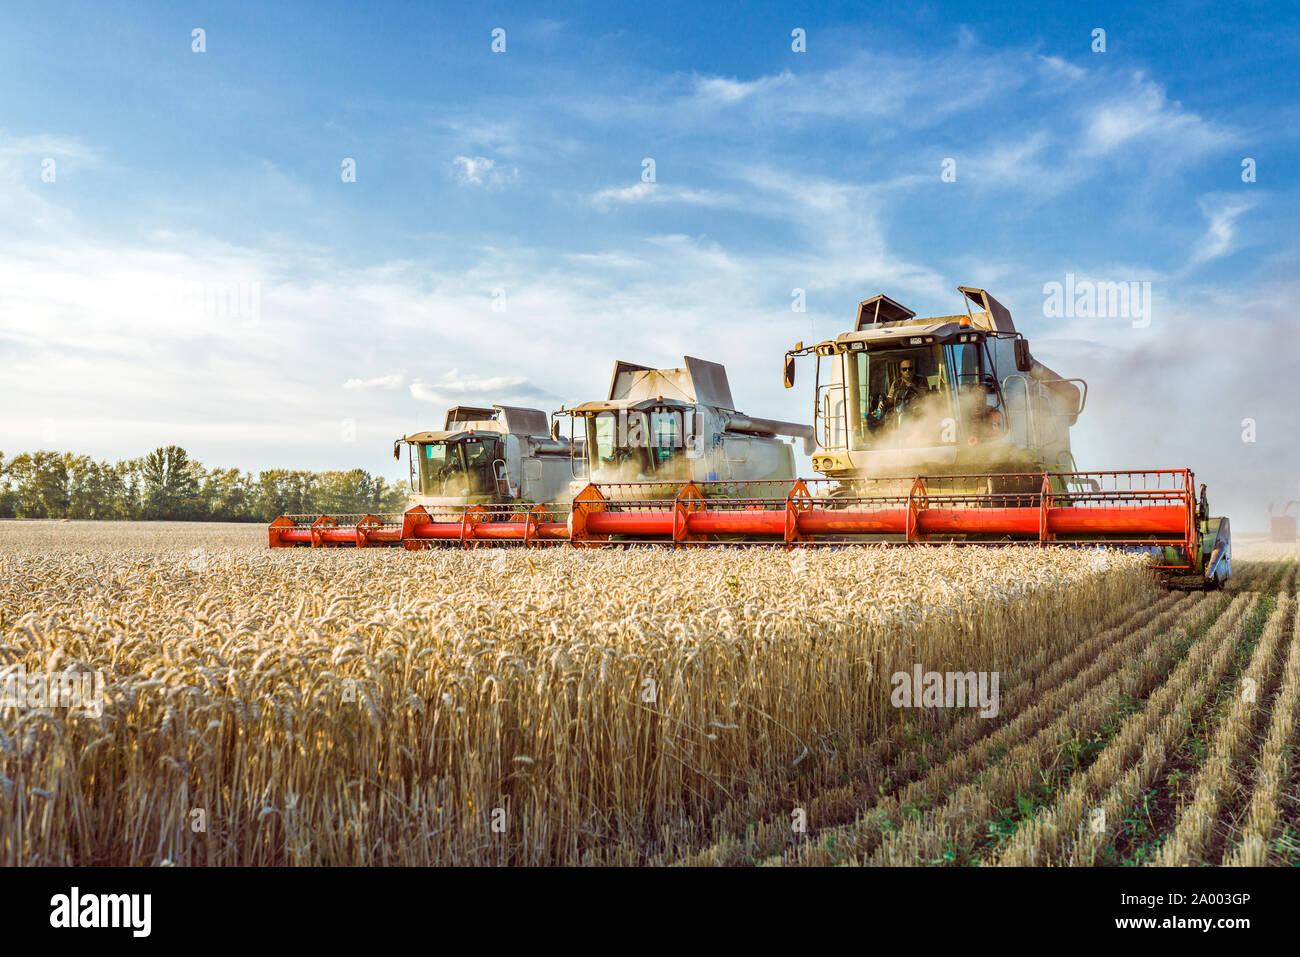 Vor dem Hintergrund eines sonnigen Sommertag und blauer Himmel mit Wolken. Mähdrescher ernten Reif goldene Weizen auf dem Feld. Das Bild der Stockfoto